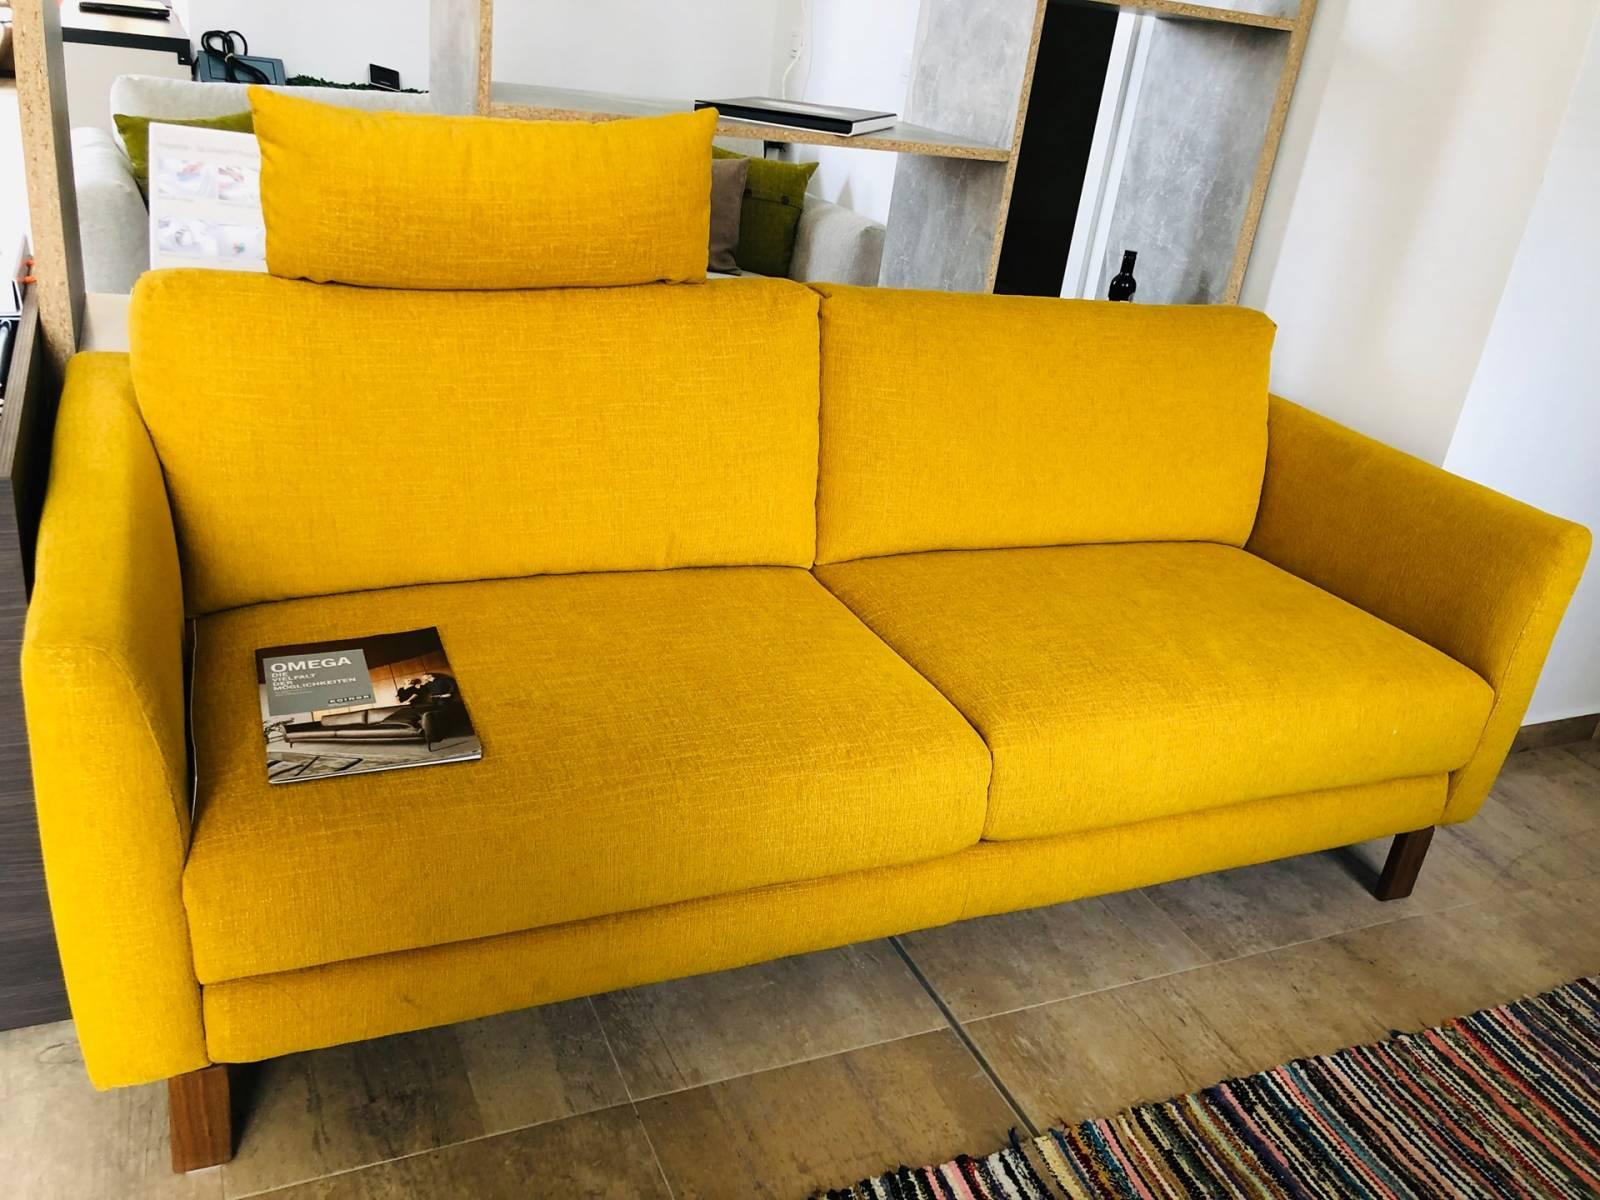 Lichidare - Canapea galbenă Koinor Omega 2